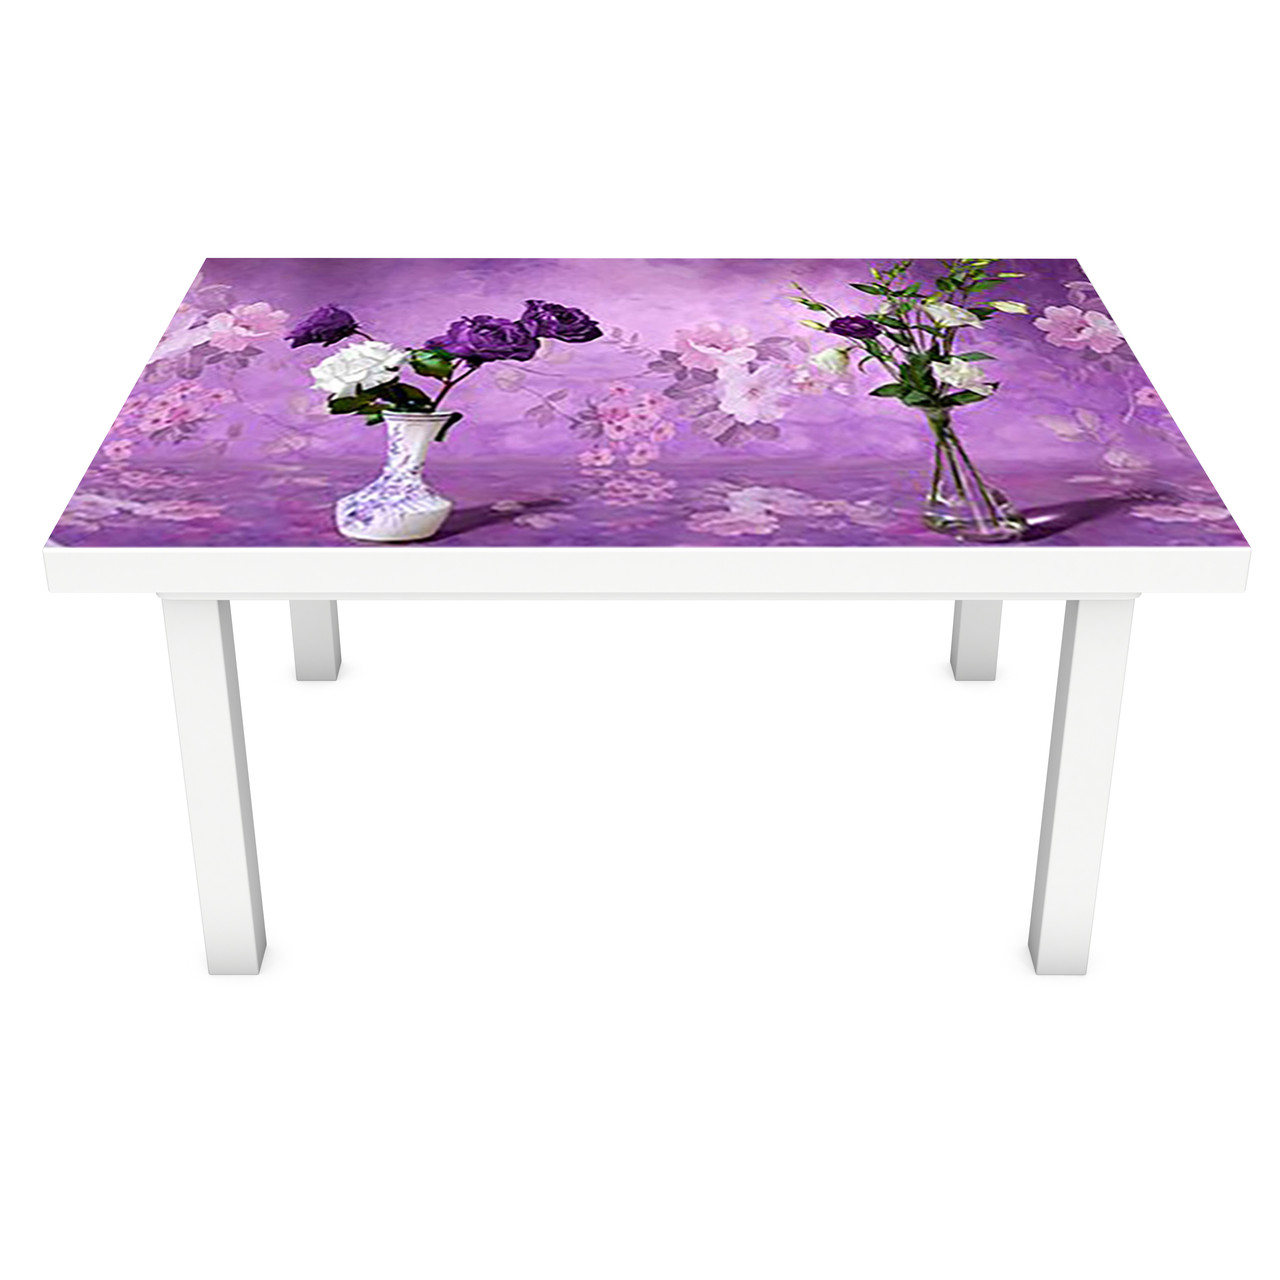 Наклейка на стол виниловая Сирень Акварель (ПВХ пленка для мебели интерьерная 3D букеты фиолетовый 600*1200 мм